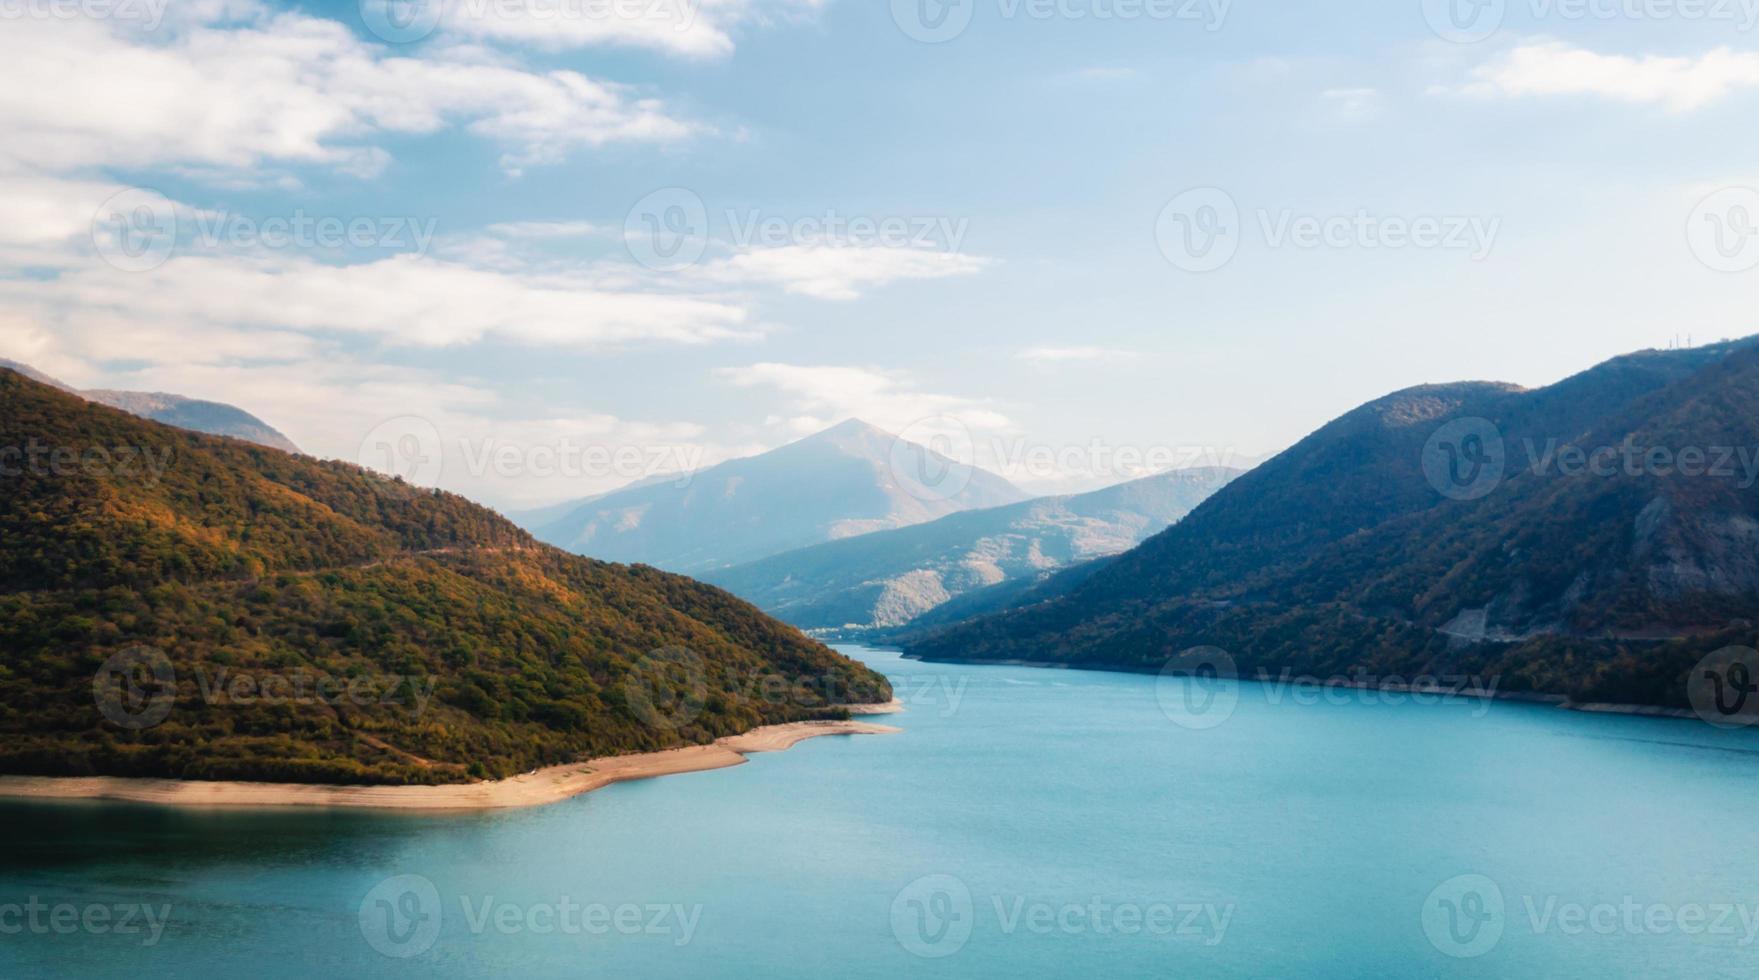 Herbstlandschaft von Bergen und See foto